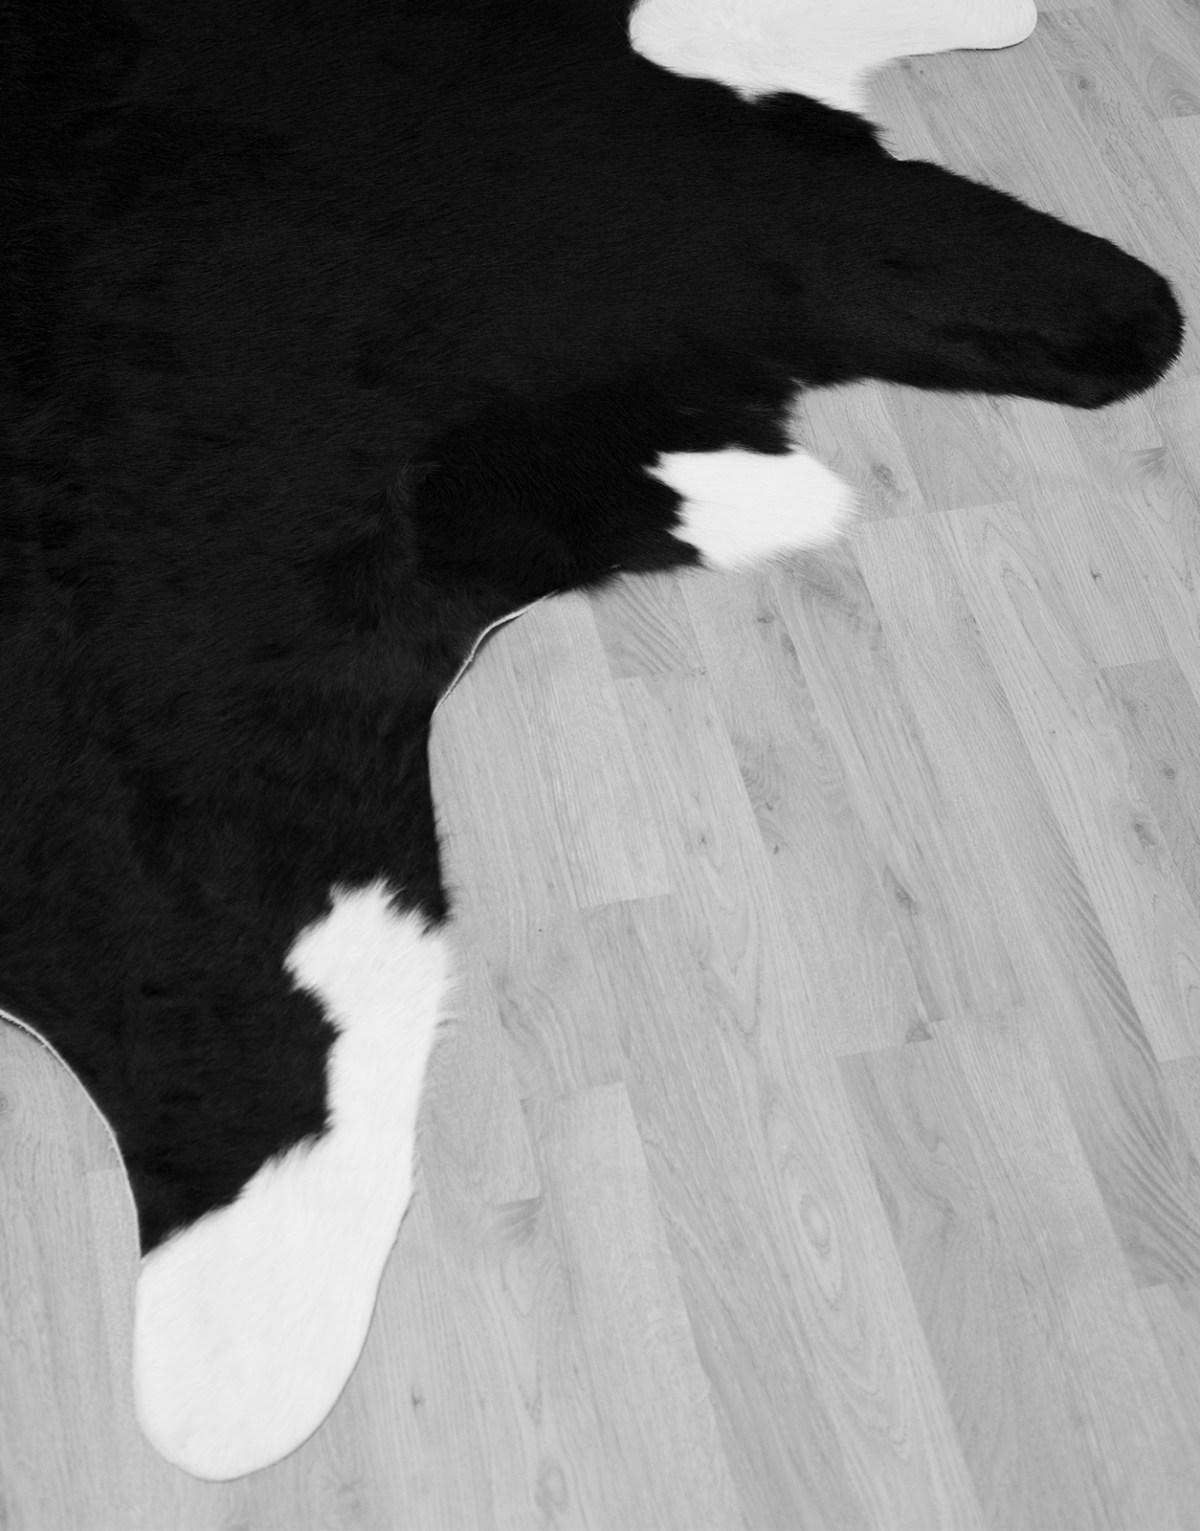 objet solution design, déco design, vente en ligne, plaid, plaid doux, plaid chaux, plaid haute qualité, plaid pas cher, sac pas cher, grand sac, mobilier, luminaire, déco, objet décoration, déco chic, prestigieux, élégant, décoration, décoration du salon et du séjour, décoration enfant, décoration intérieur, décoration maison, tapis, bougie, farluce, guirlandes lumineuses, séparation, paravent, pot, lanterne, décoration salle de bain, décoration pas cher, décoration de noël, décoration chambre, déco chambre enfant, déco chambre de bébé, décoration bureau, décoration cabinet, décoration agence, coussins, coussins doux, plais, douceur, unique, original, idée déco, tapis, cowhide, tapis design, miroir, tableaux, design, nature, décoration de jardin, deco extérieur, lanterne, porte-manteau, tableau unique, artiste